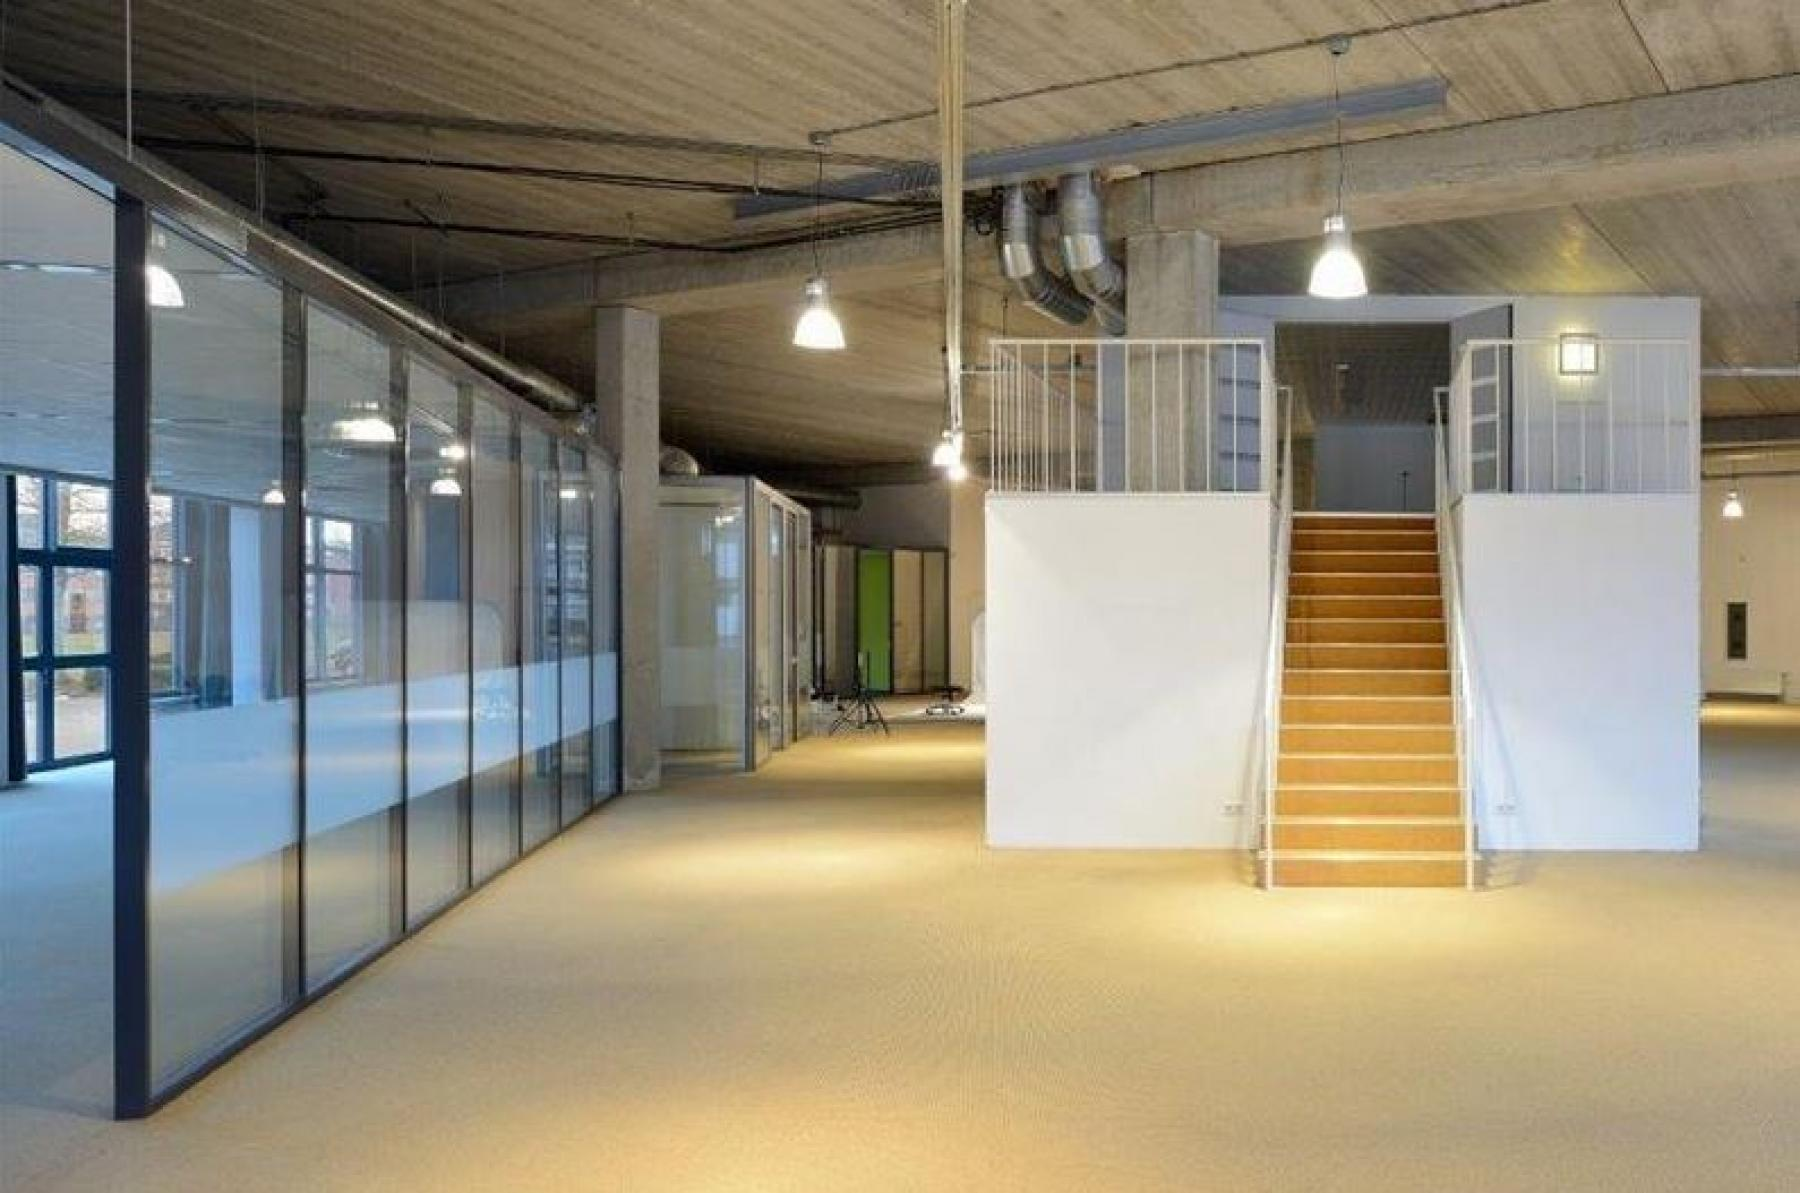 ramen vloerbedekking kantoorgebouw capelle aan den ijssel rivium boulevard huur